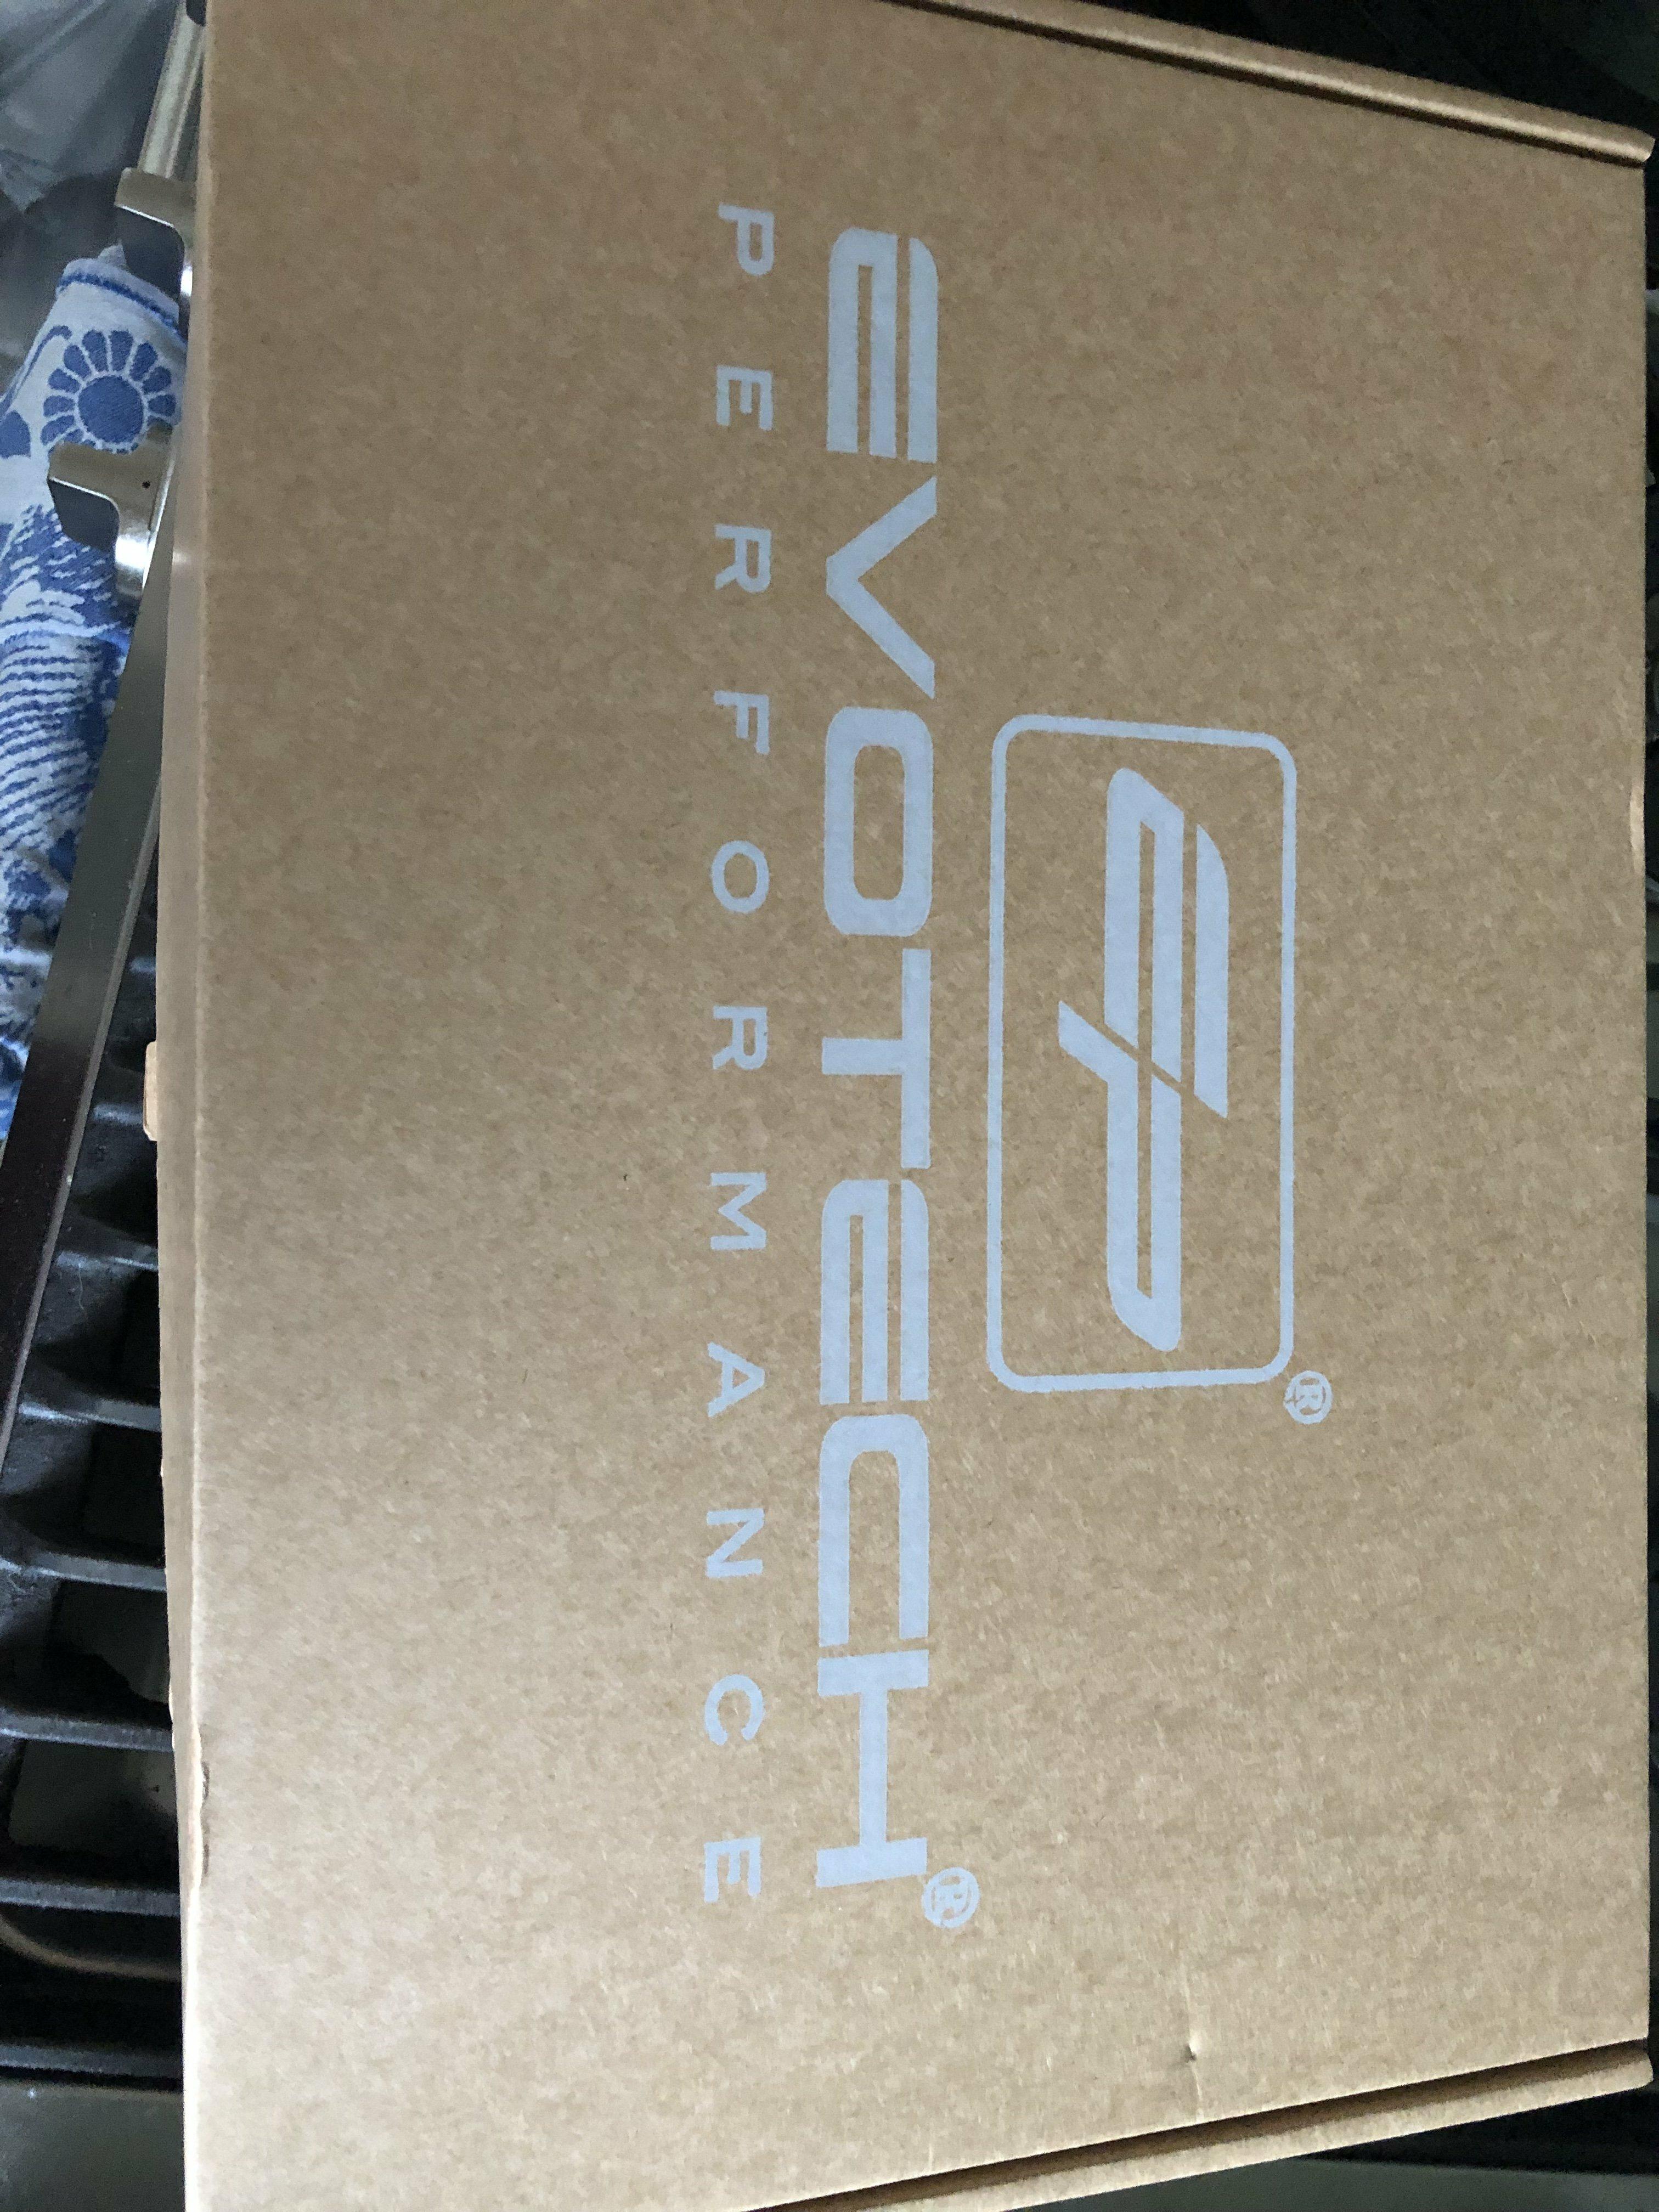 B8E1C9AF-525F-456E-8AFA-3C118DB432DD.jpeg